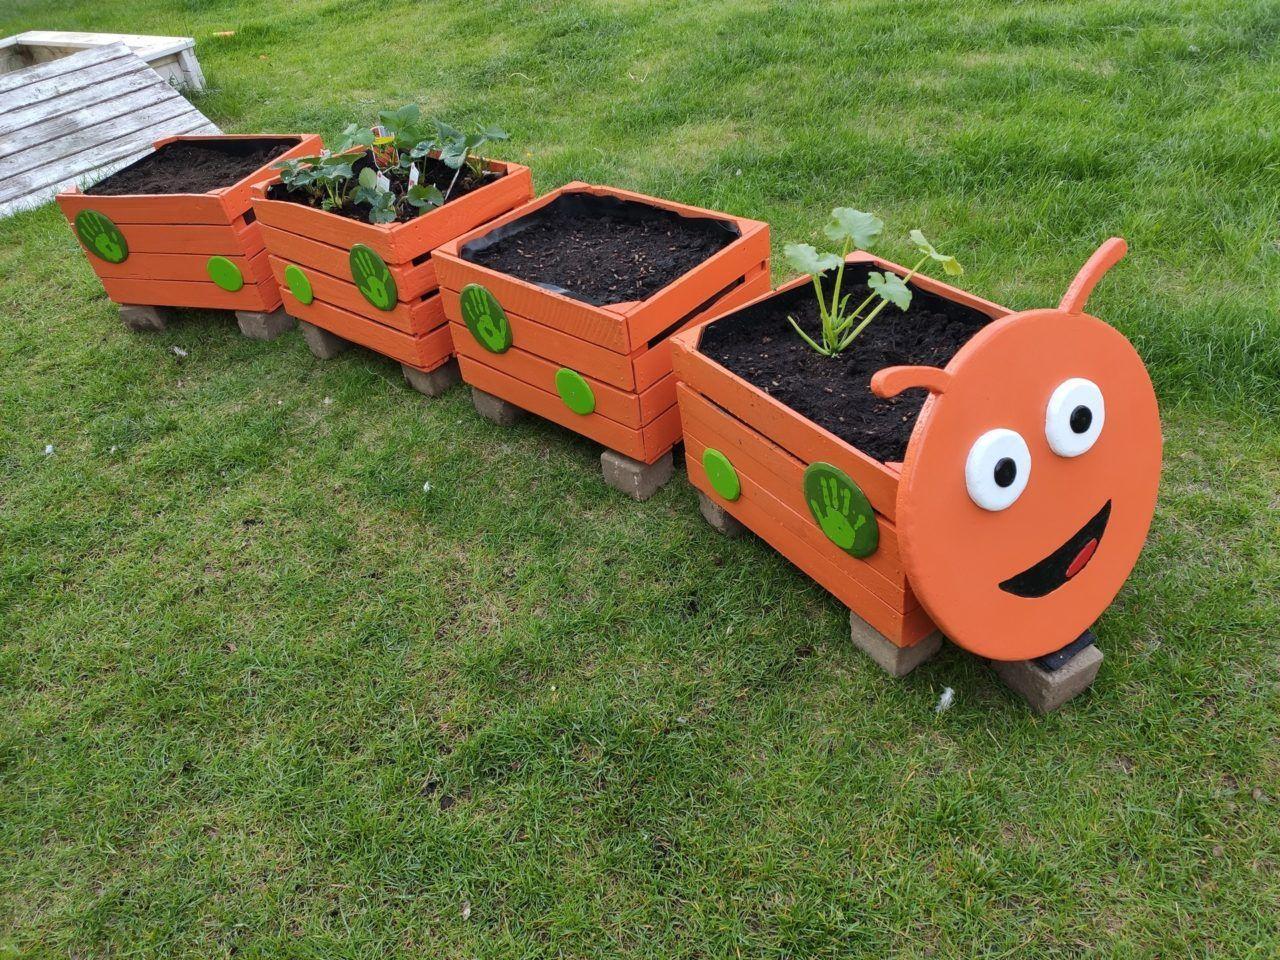 Bau der Selfmade Hochbeet Raupe für meinen Garten • splittscheid ...